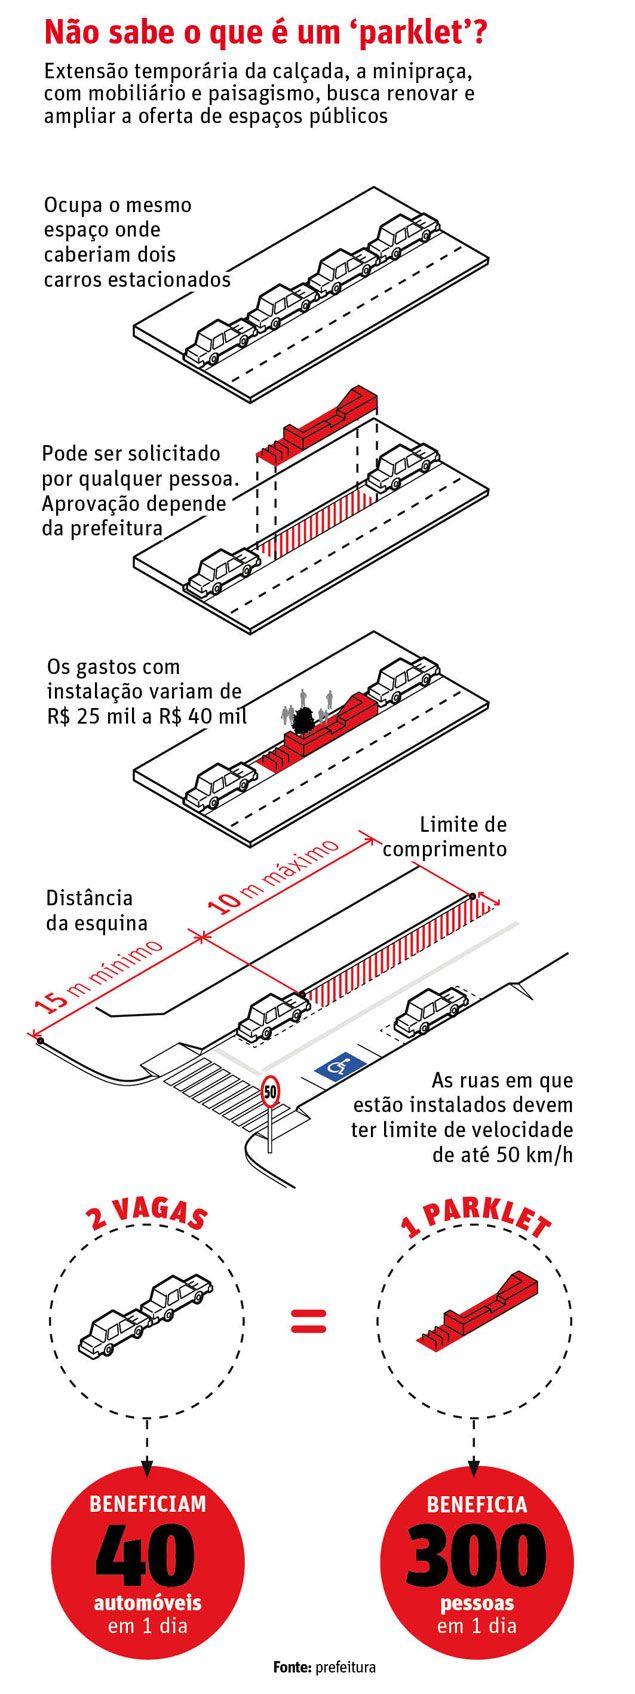 Guia Folha - Passeios - 'Parklets' em SP devem chegar a 32, graças a bares e restaurantes - 13/02/2015